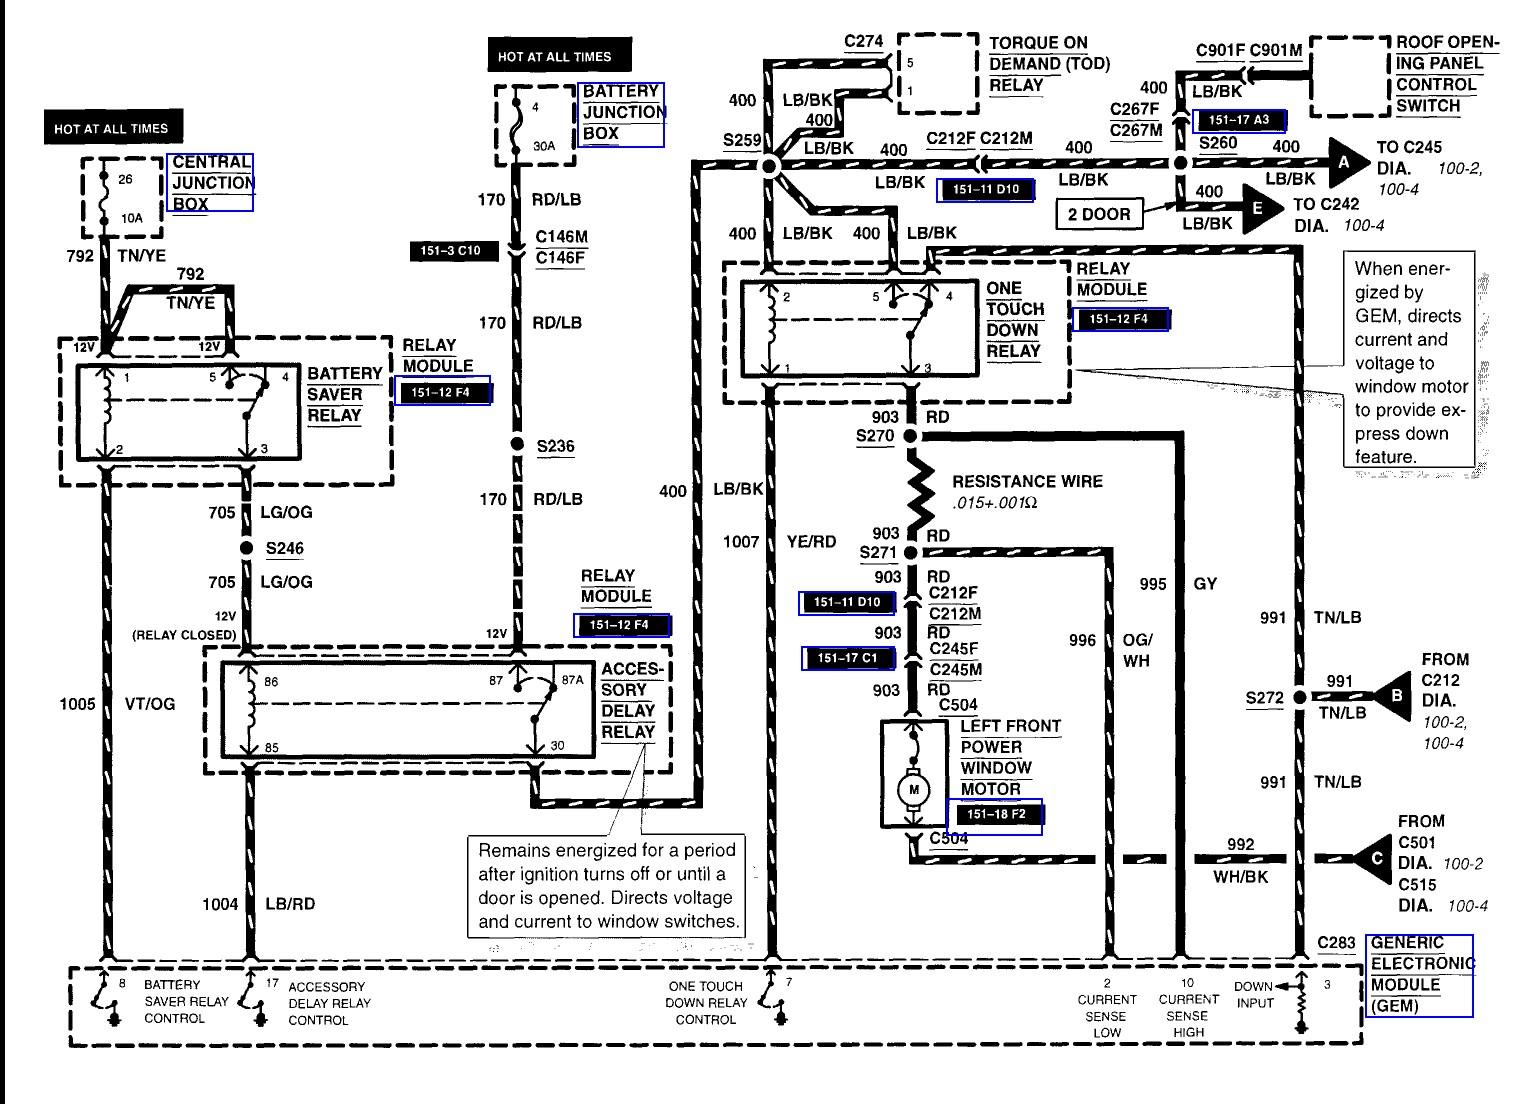 Ford Explorer Wiring Schematic - Wiring Diagram | Wiring Diagram For 2003 Ford Explorer |  | Wiring Diagram